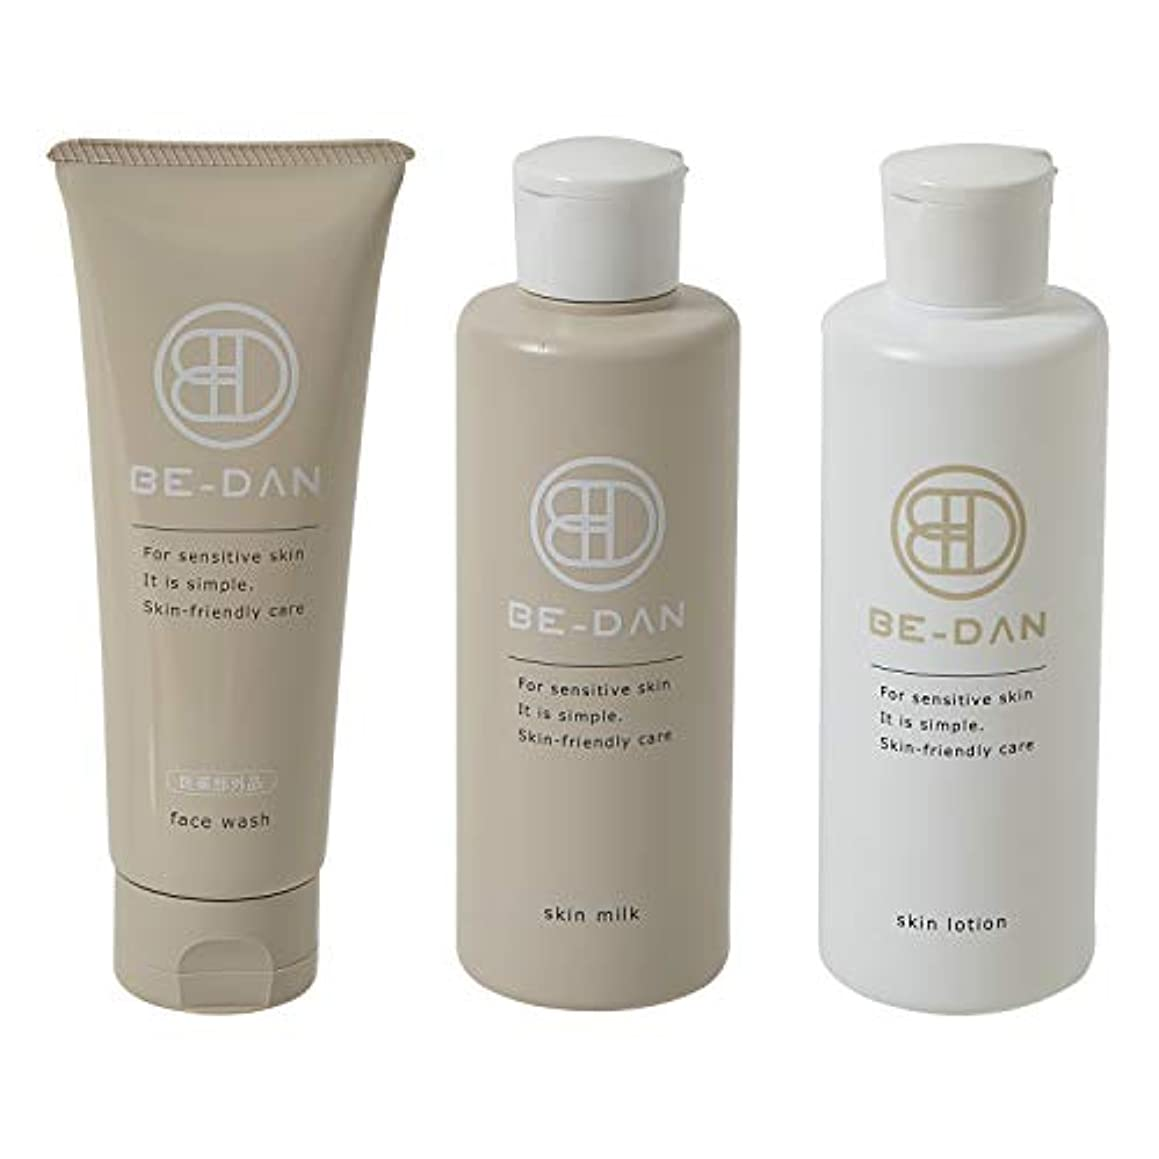 BE-DAN スキンケアセット(洗顔+化粧水+乳液)